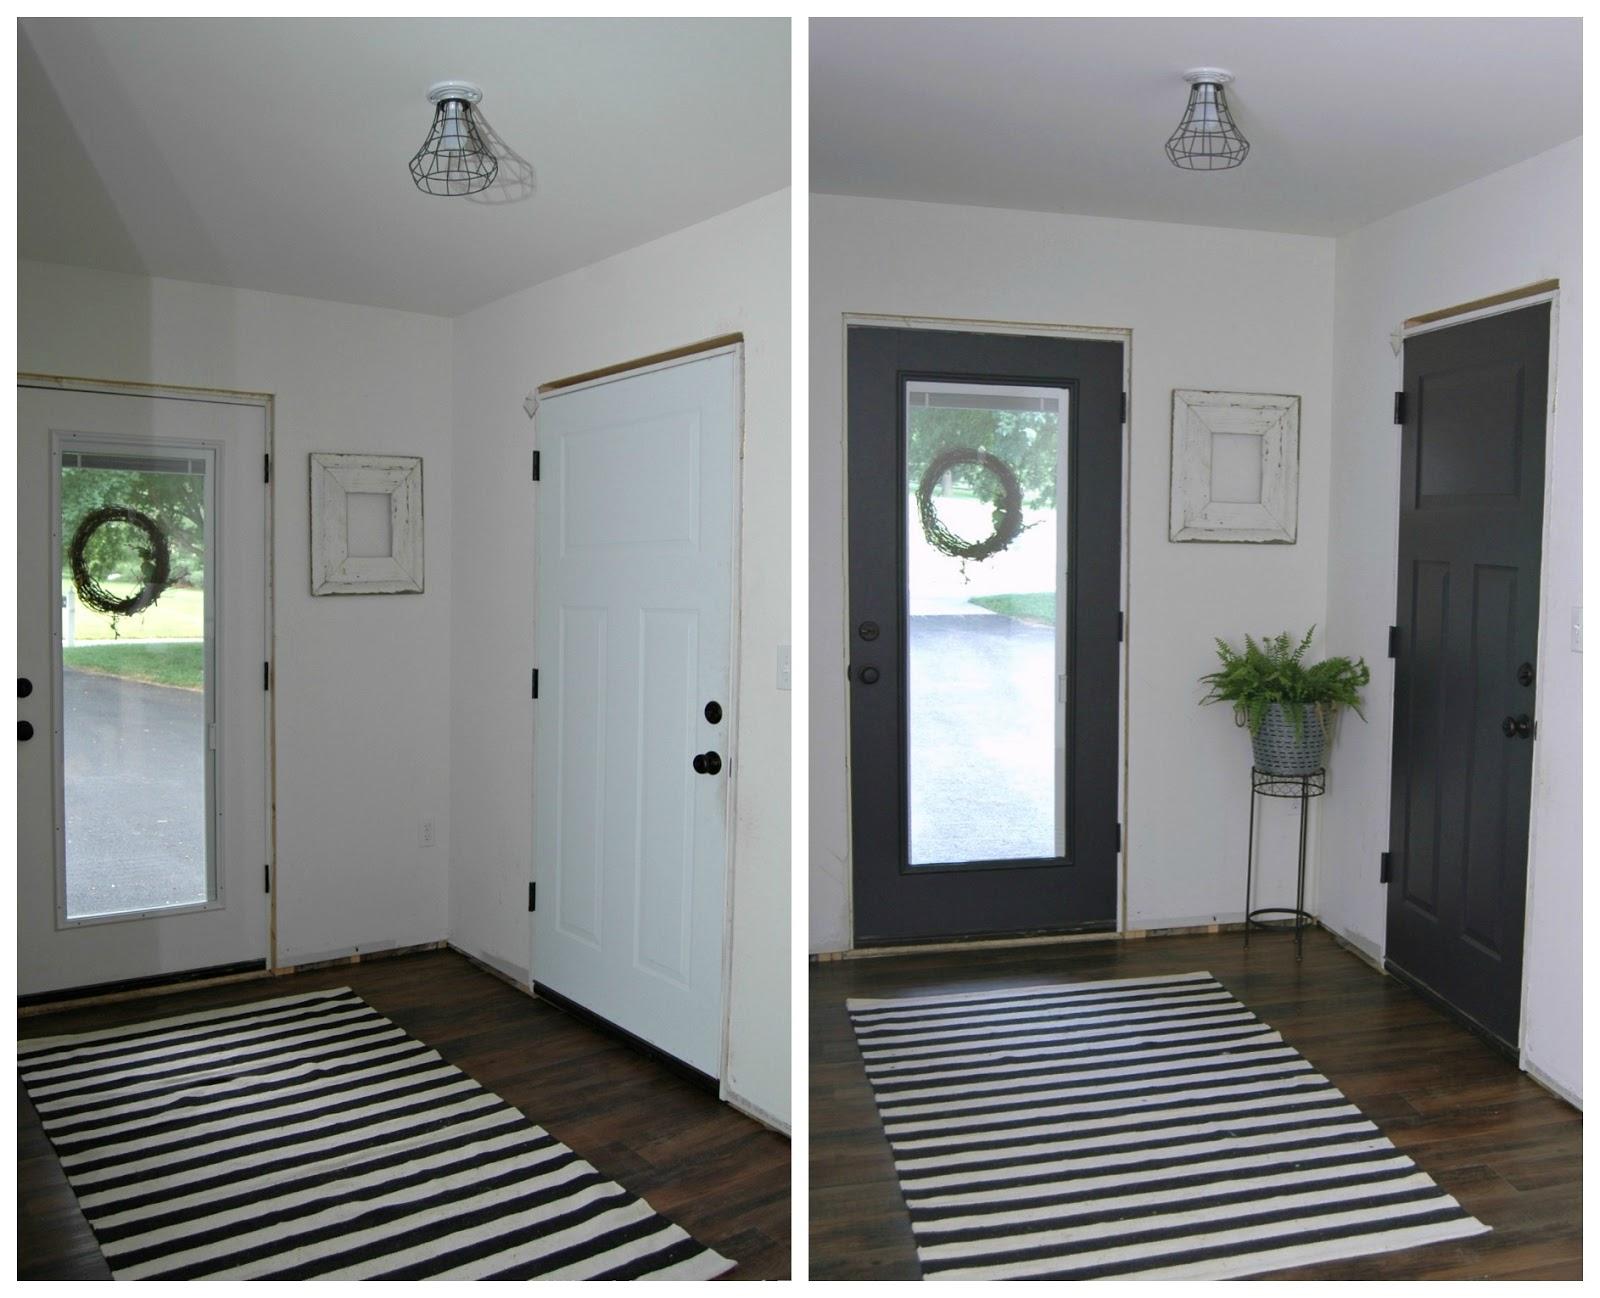 new foyer, black trim, updated front door, black closet door, interior design on a budget